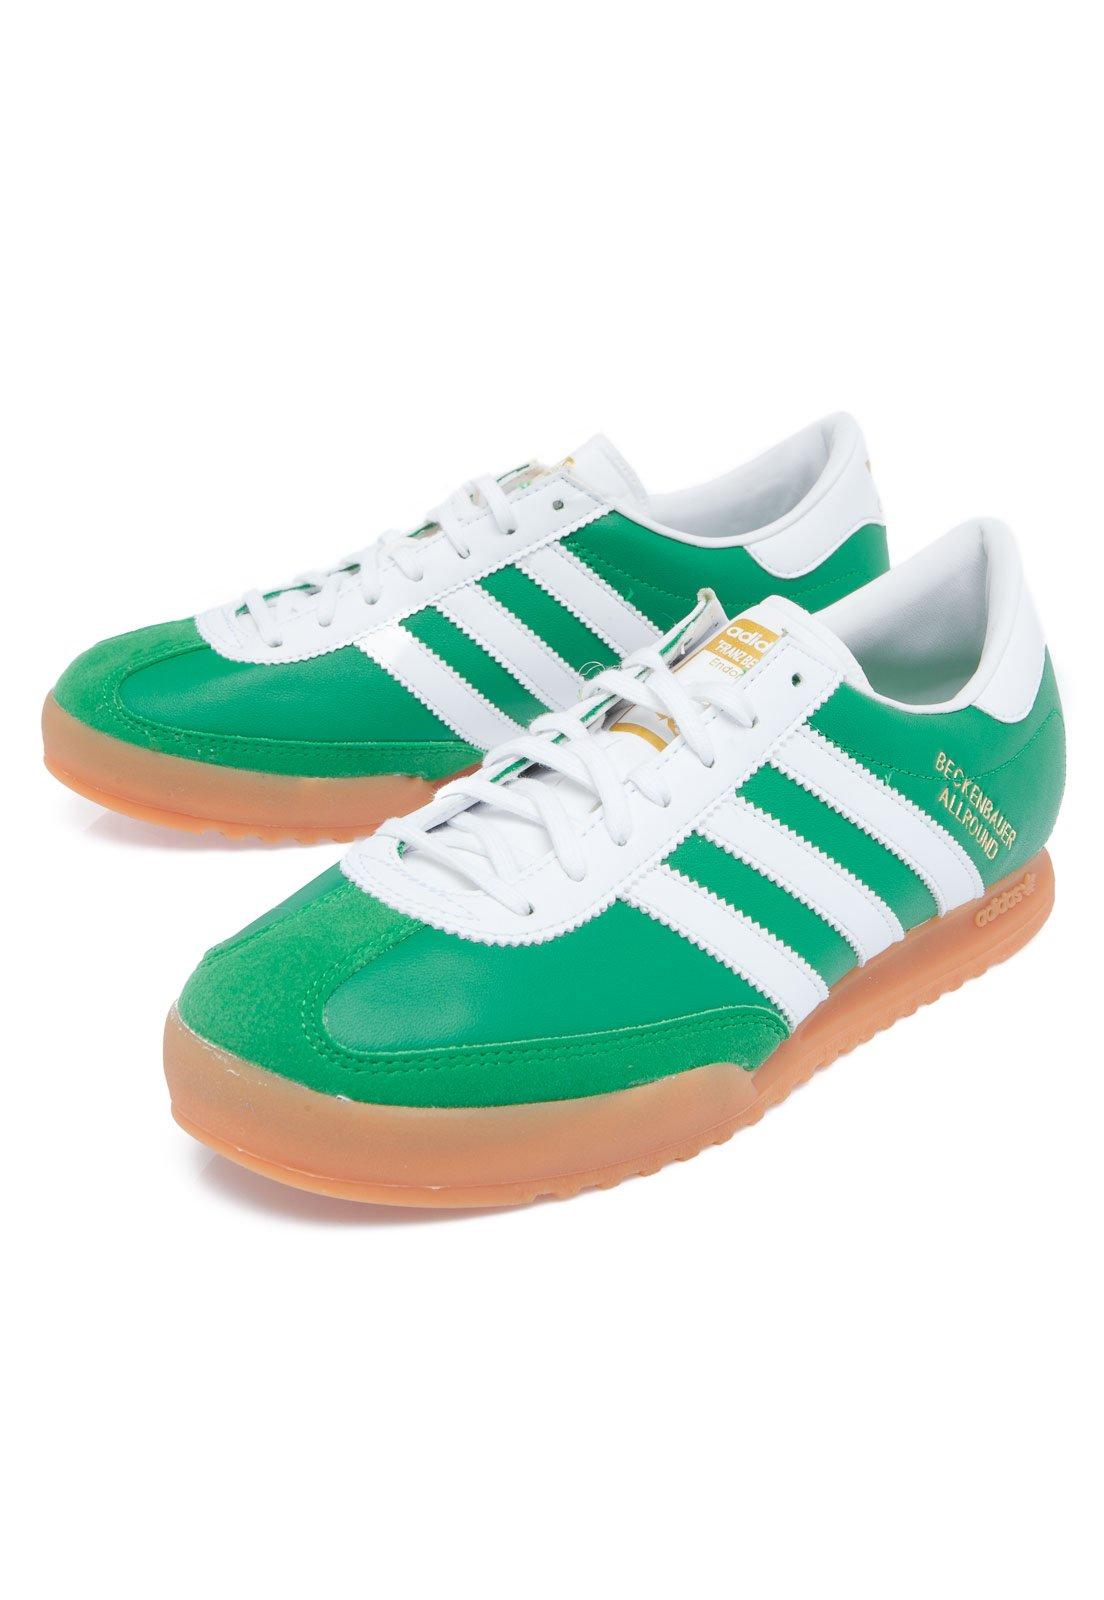 adidas verdes